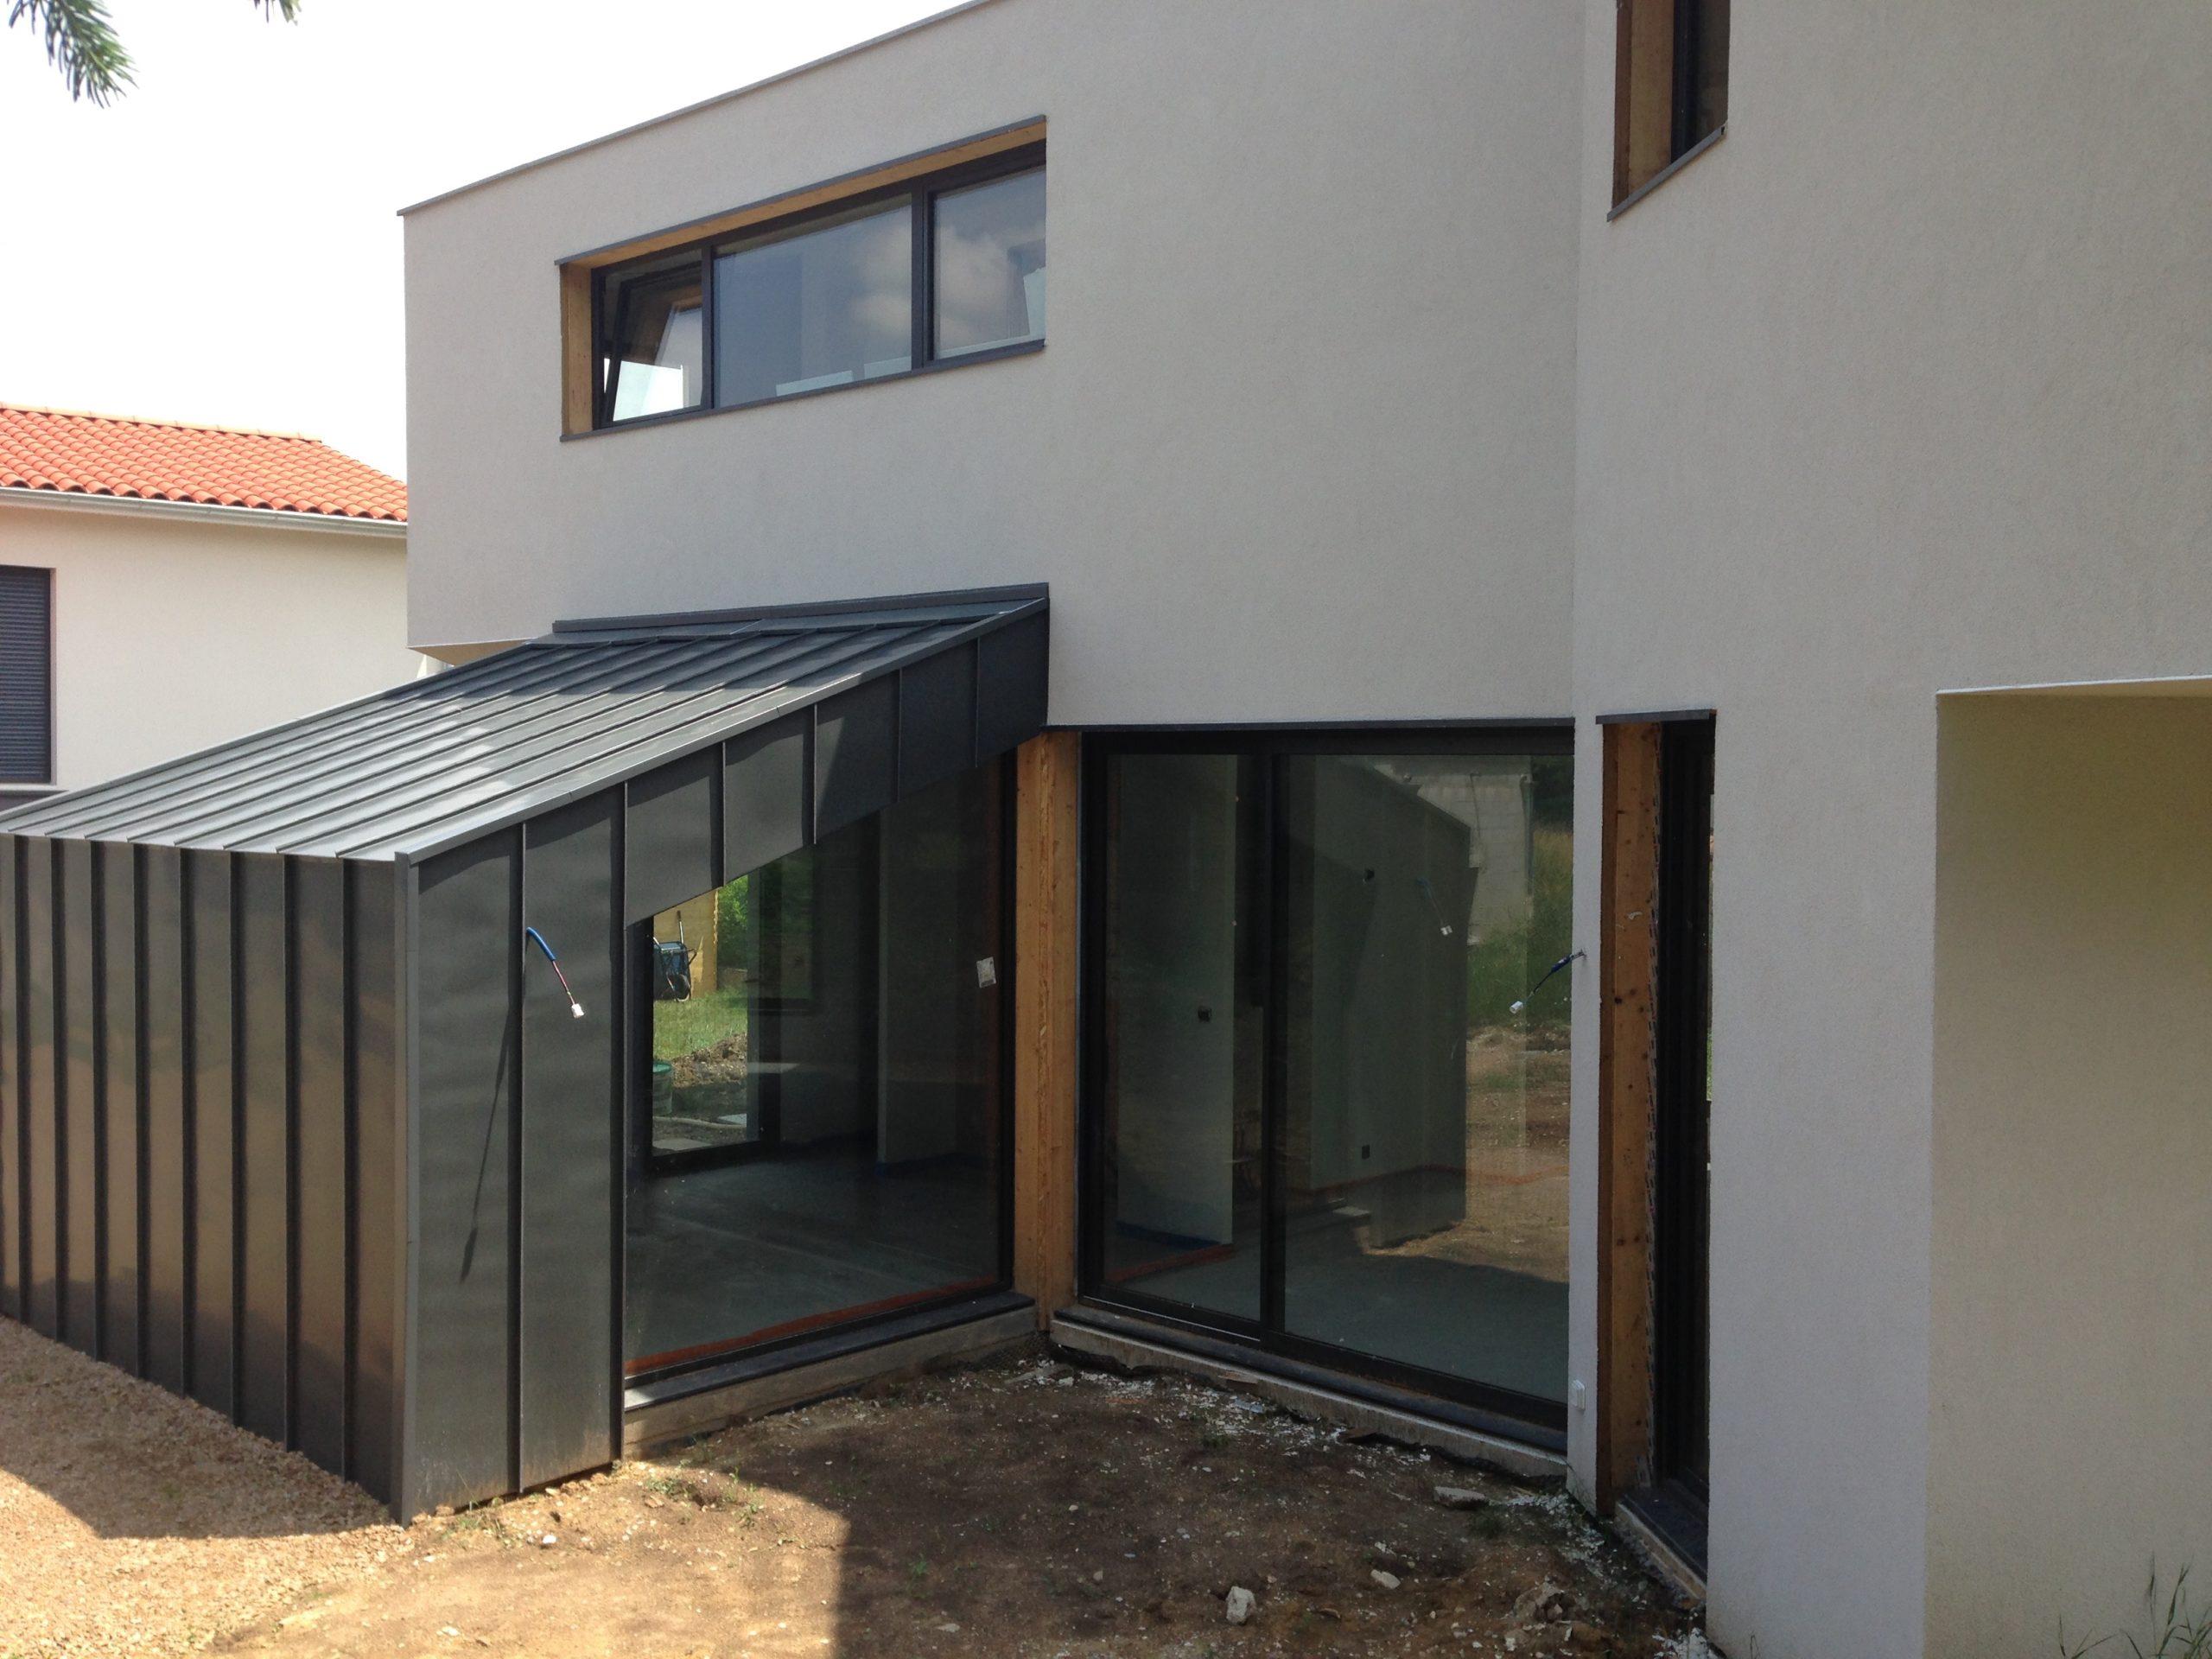 maison ossature bois 125m2 Rhône